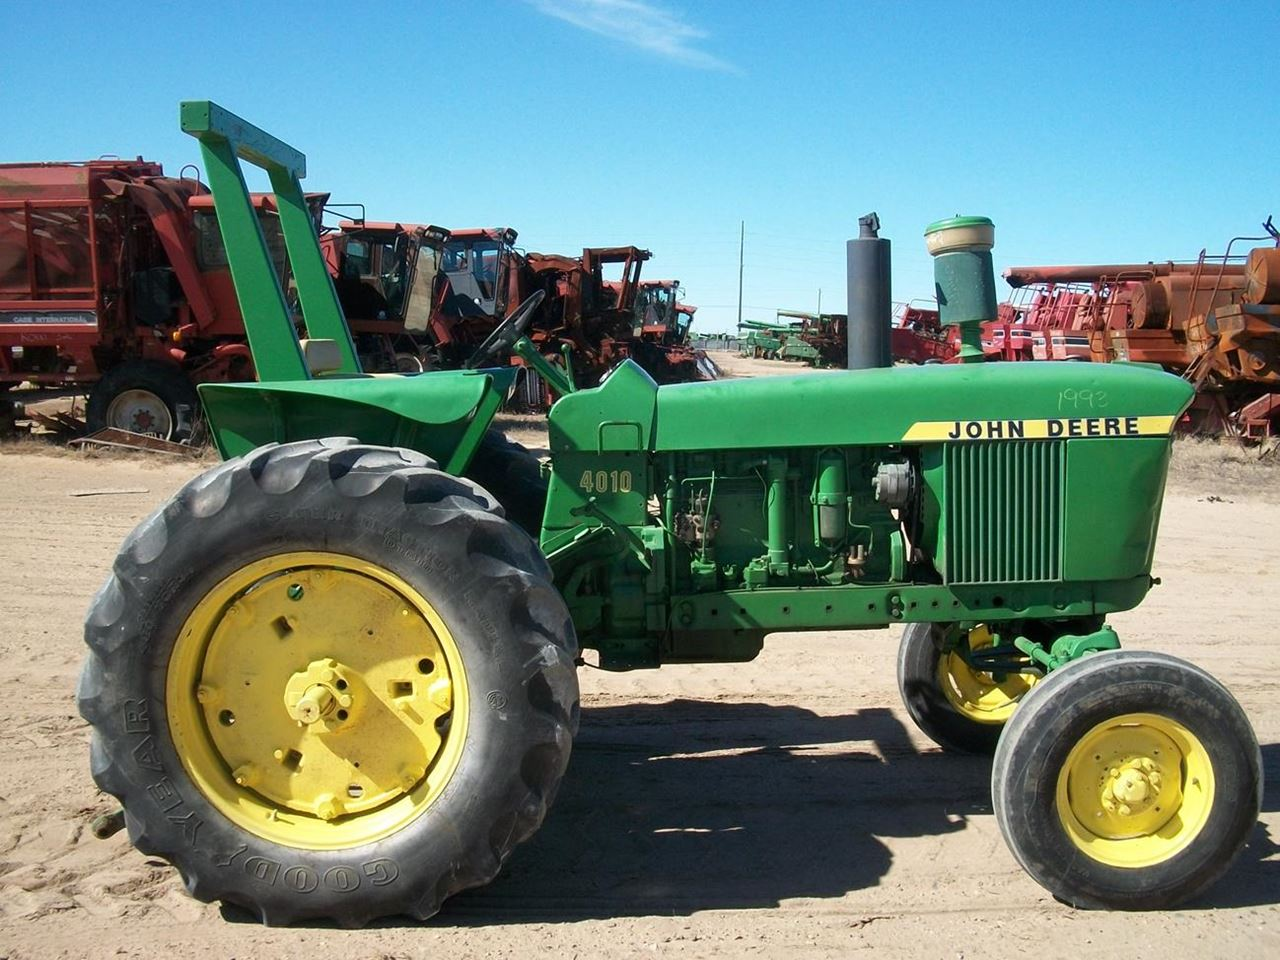 John Deere 4010 Tractor Parts | John Deere Parts: John Deere Parts